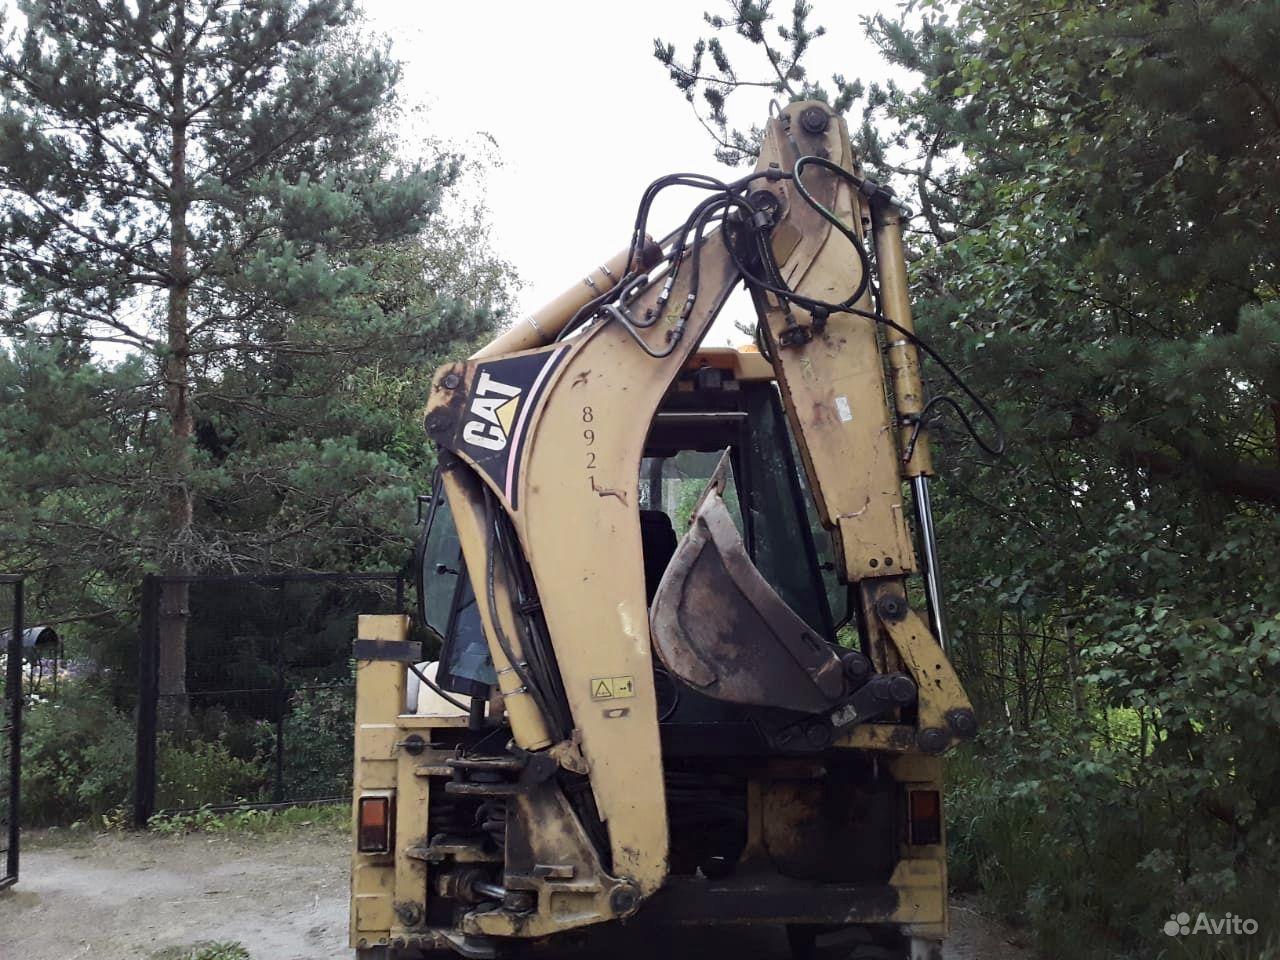 Ландшафтные работы. рытье канав и колодцев купить на Вуёк.ру - фотография № 2